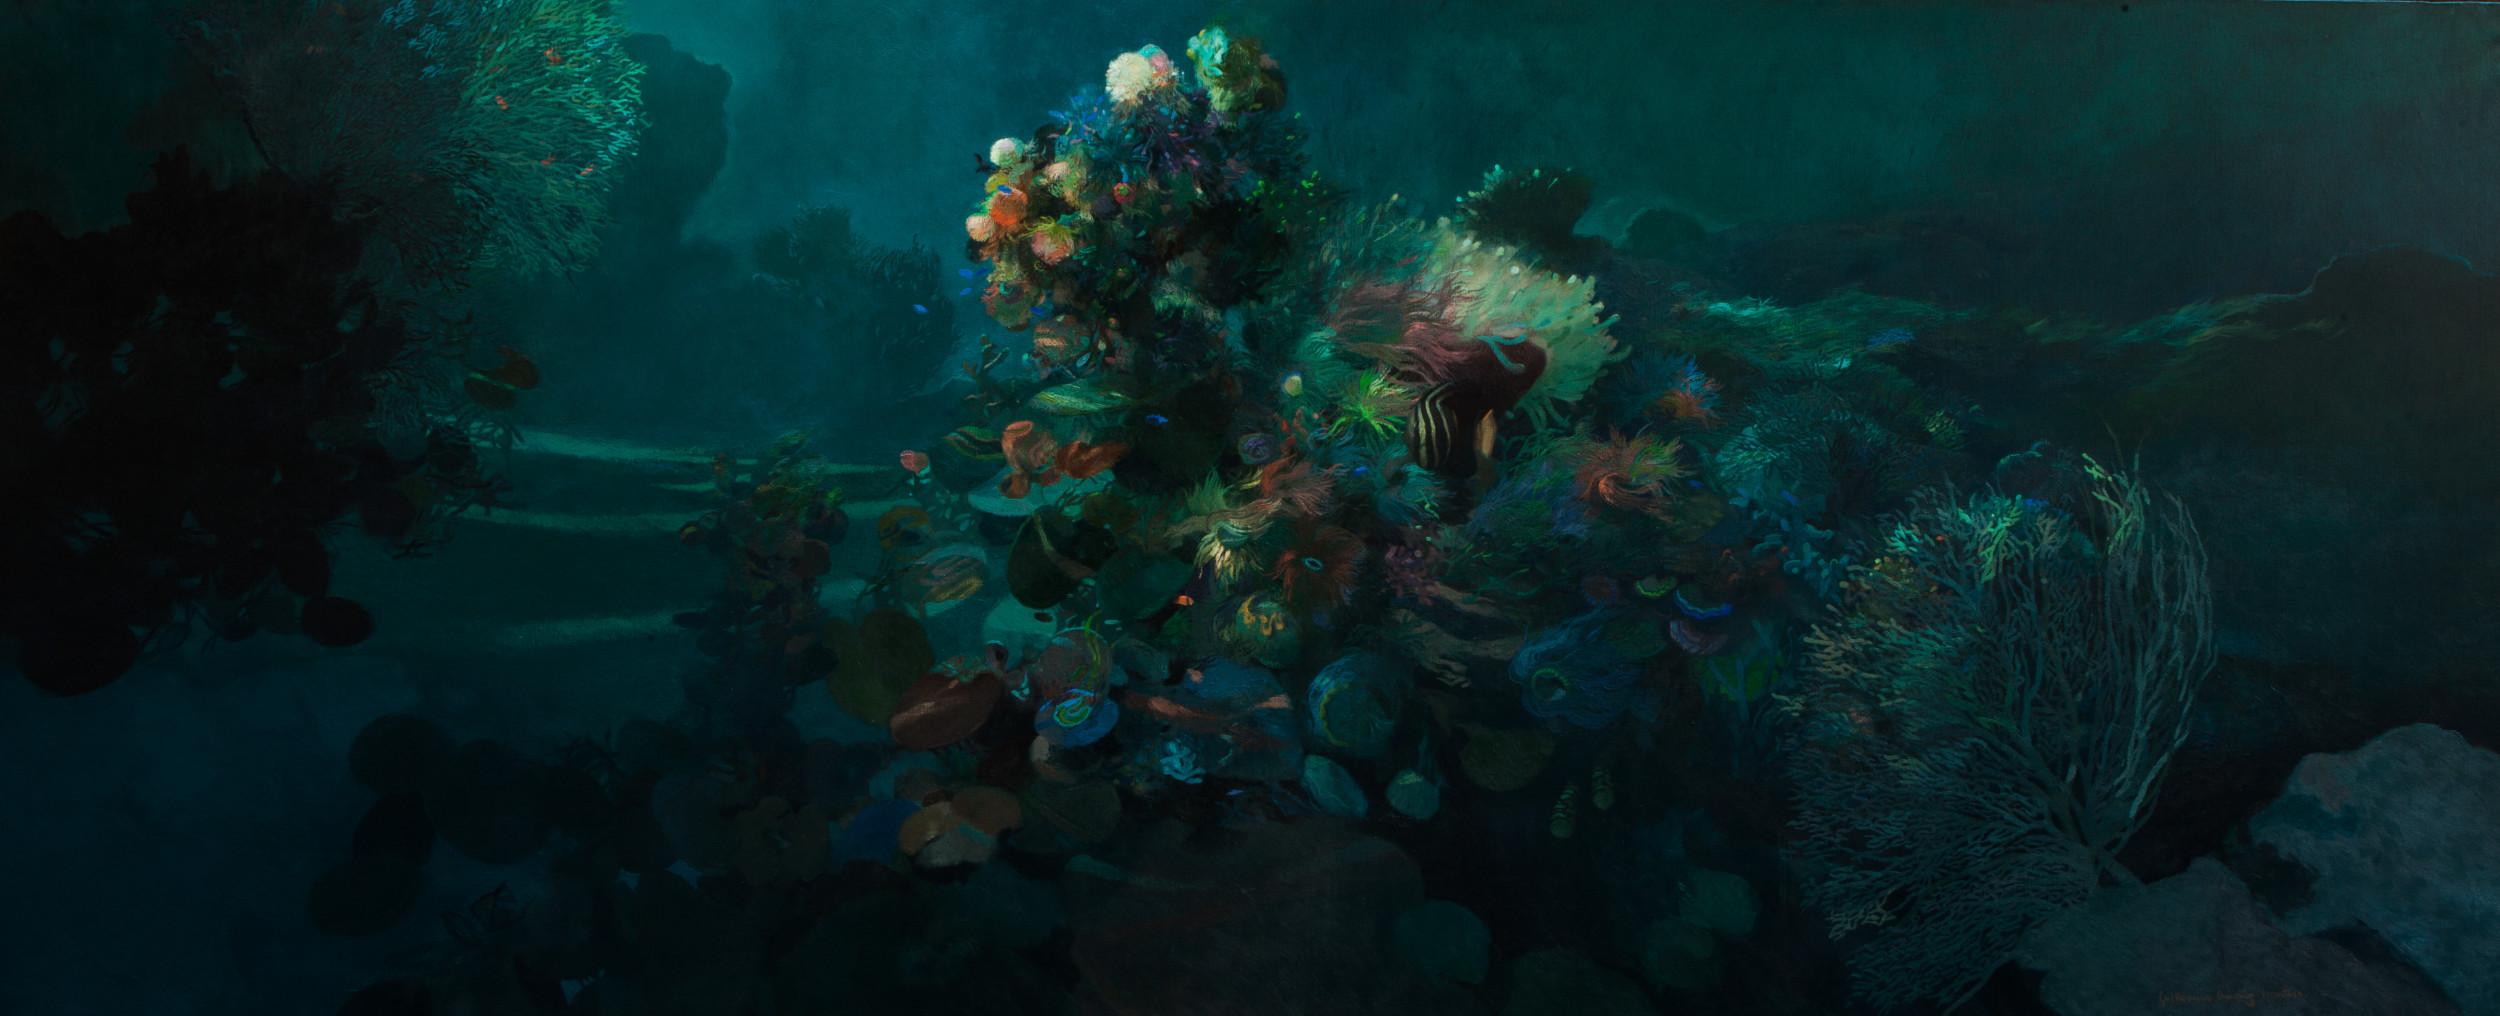 G atardecer en los corales 125x325 cm